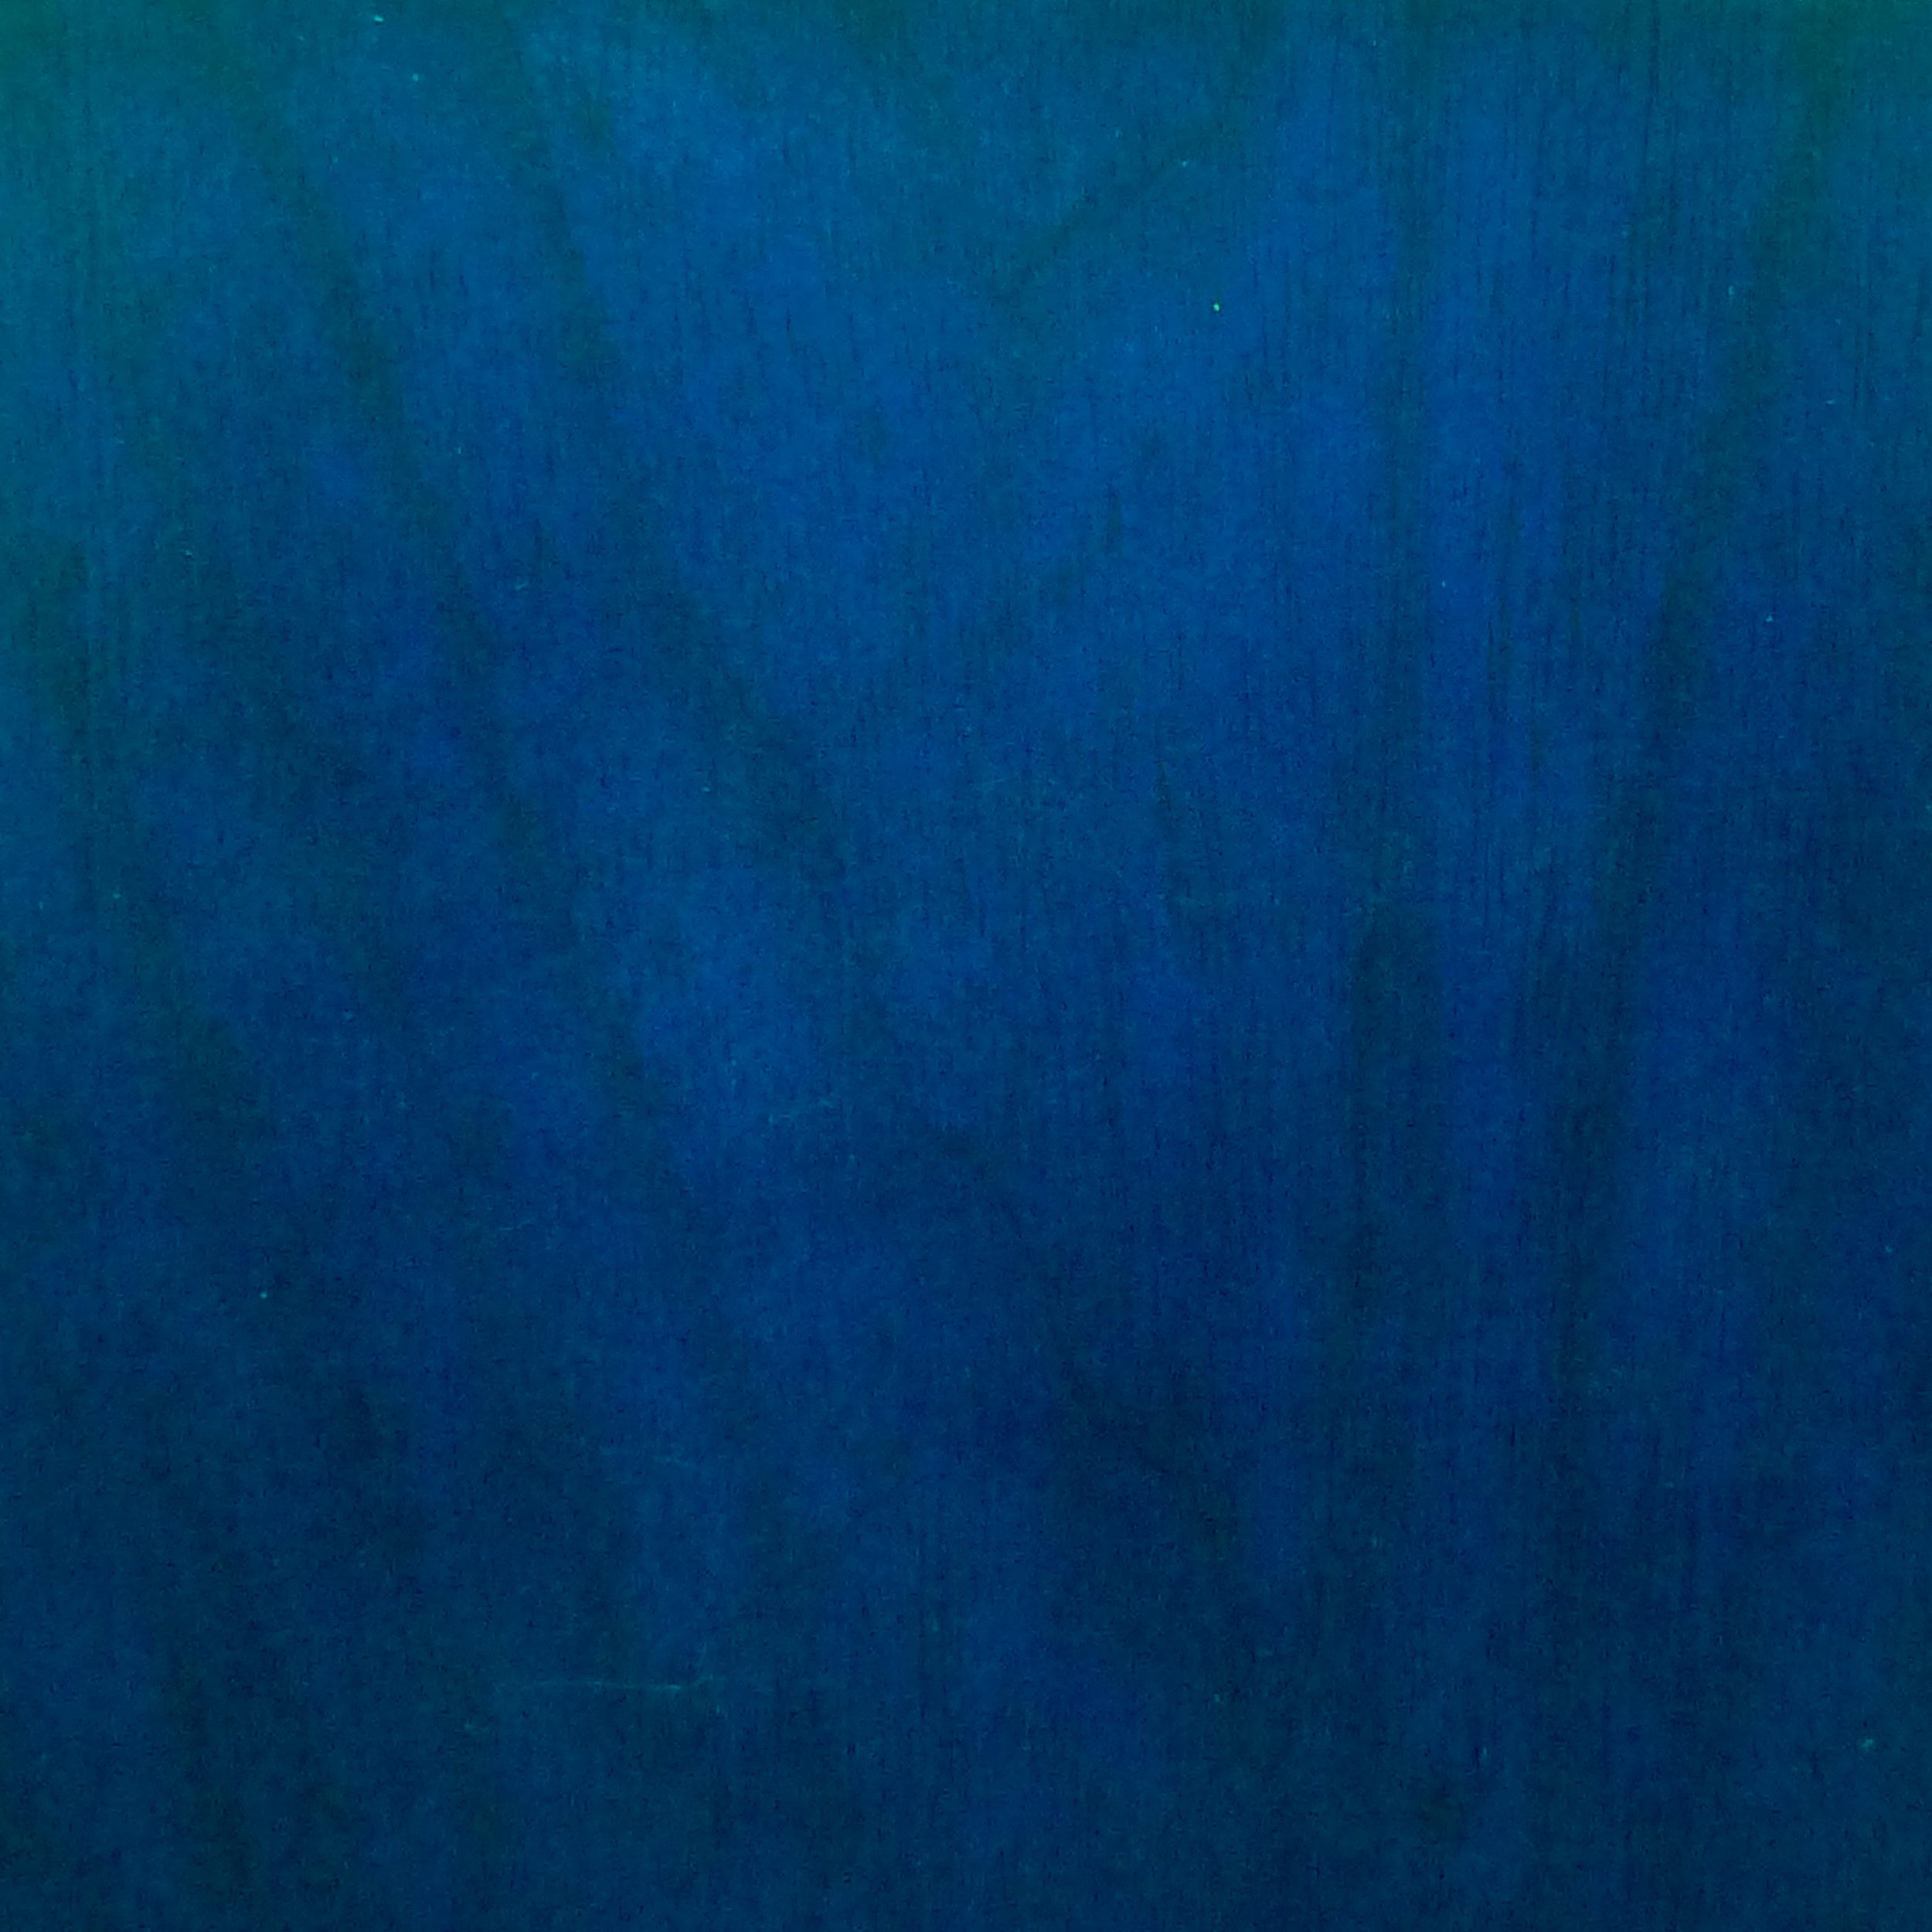 Blue, Cobalt